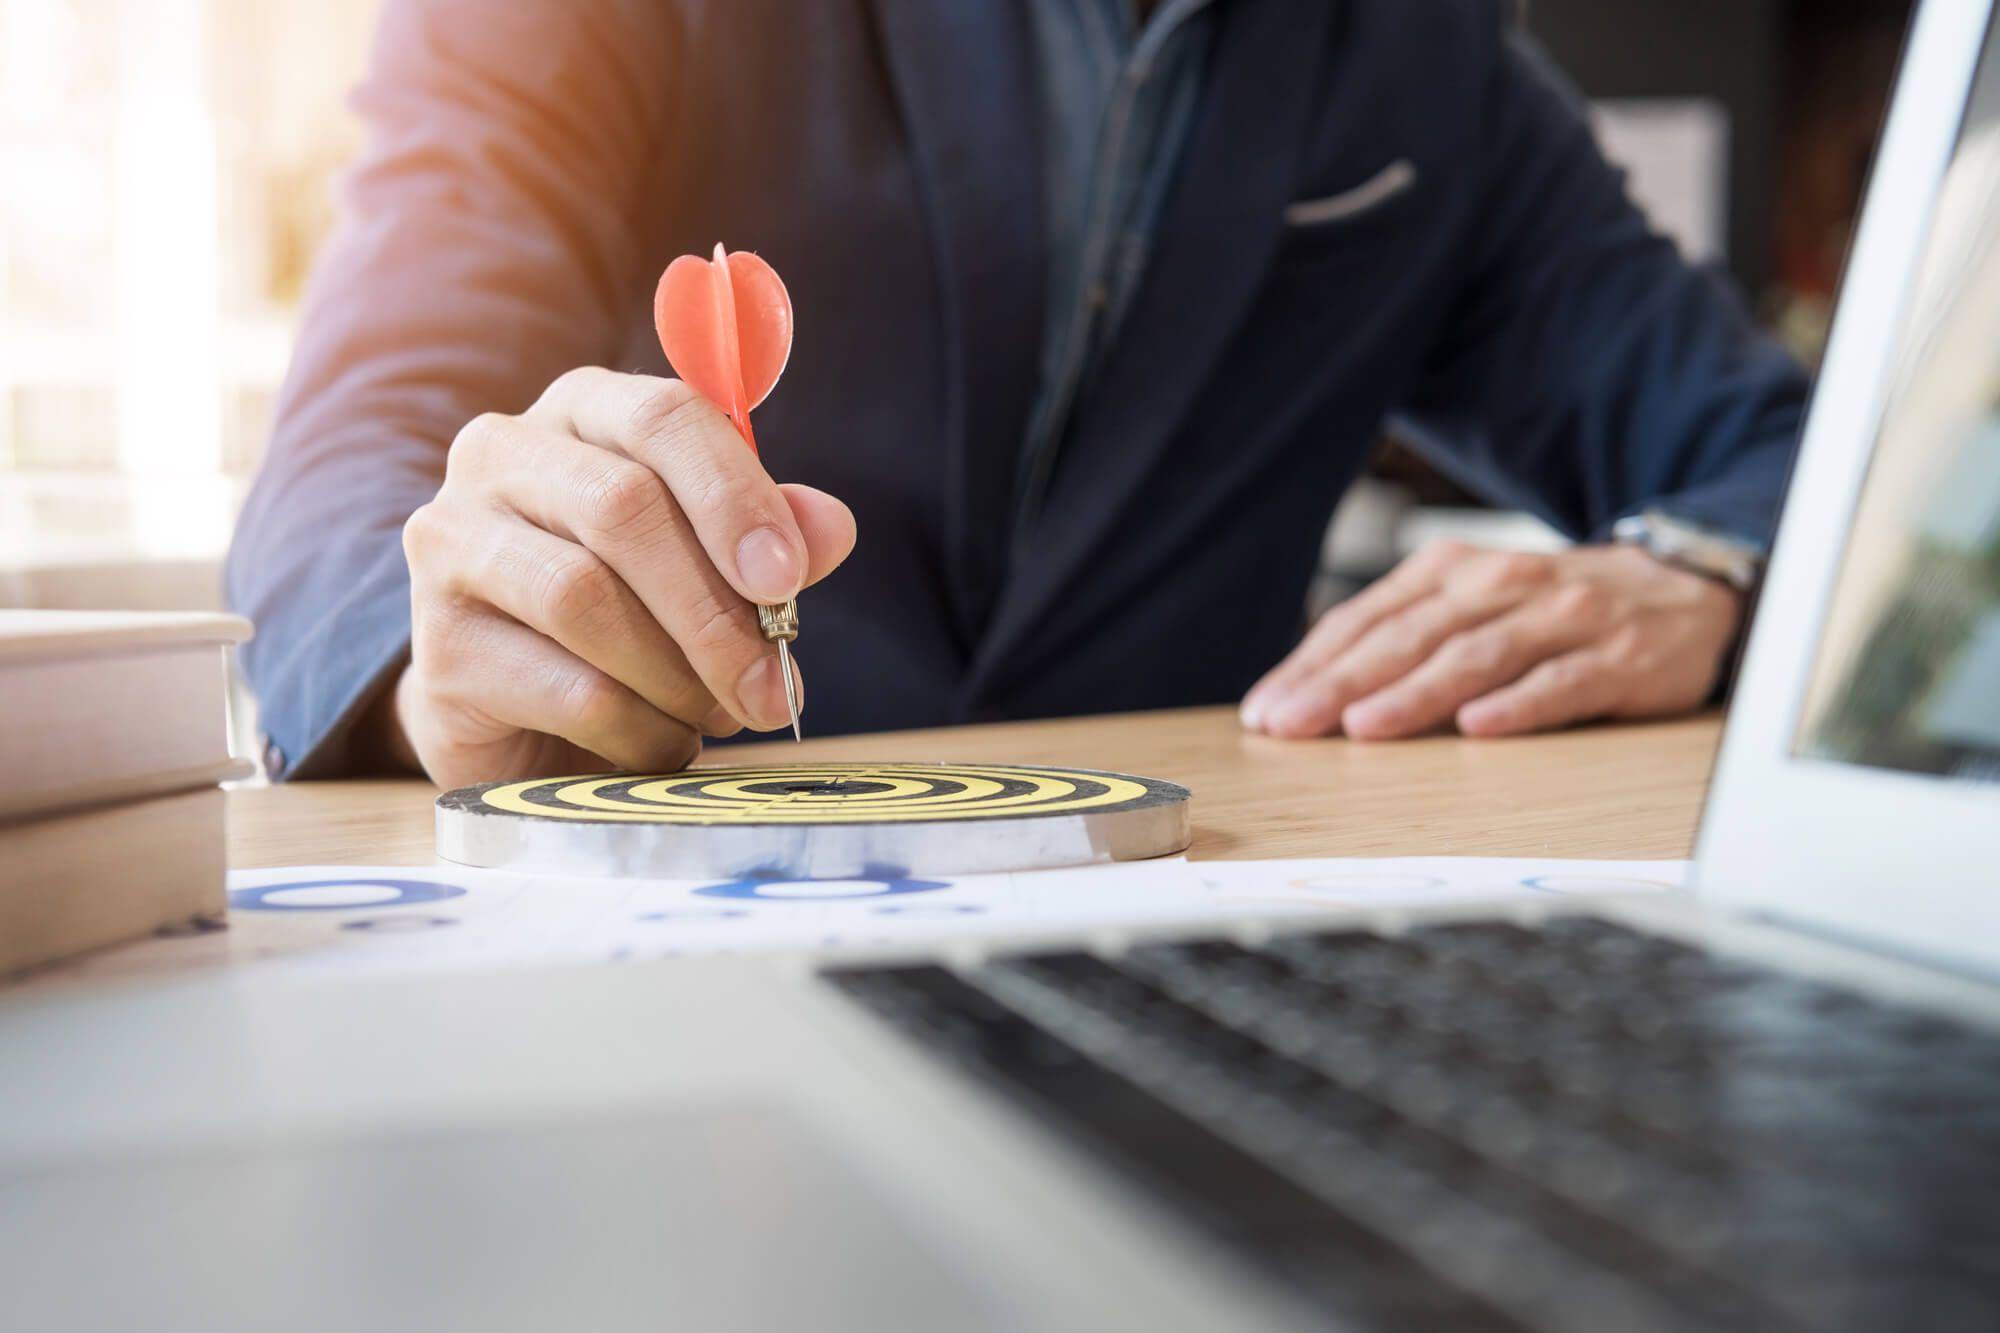 Você sabe o que é OKR? Veja agora como eles podem ajudar sua empresa a atingir os objetivos!